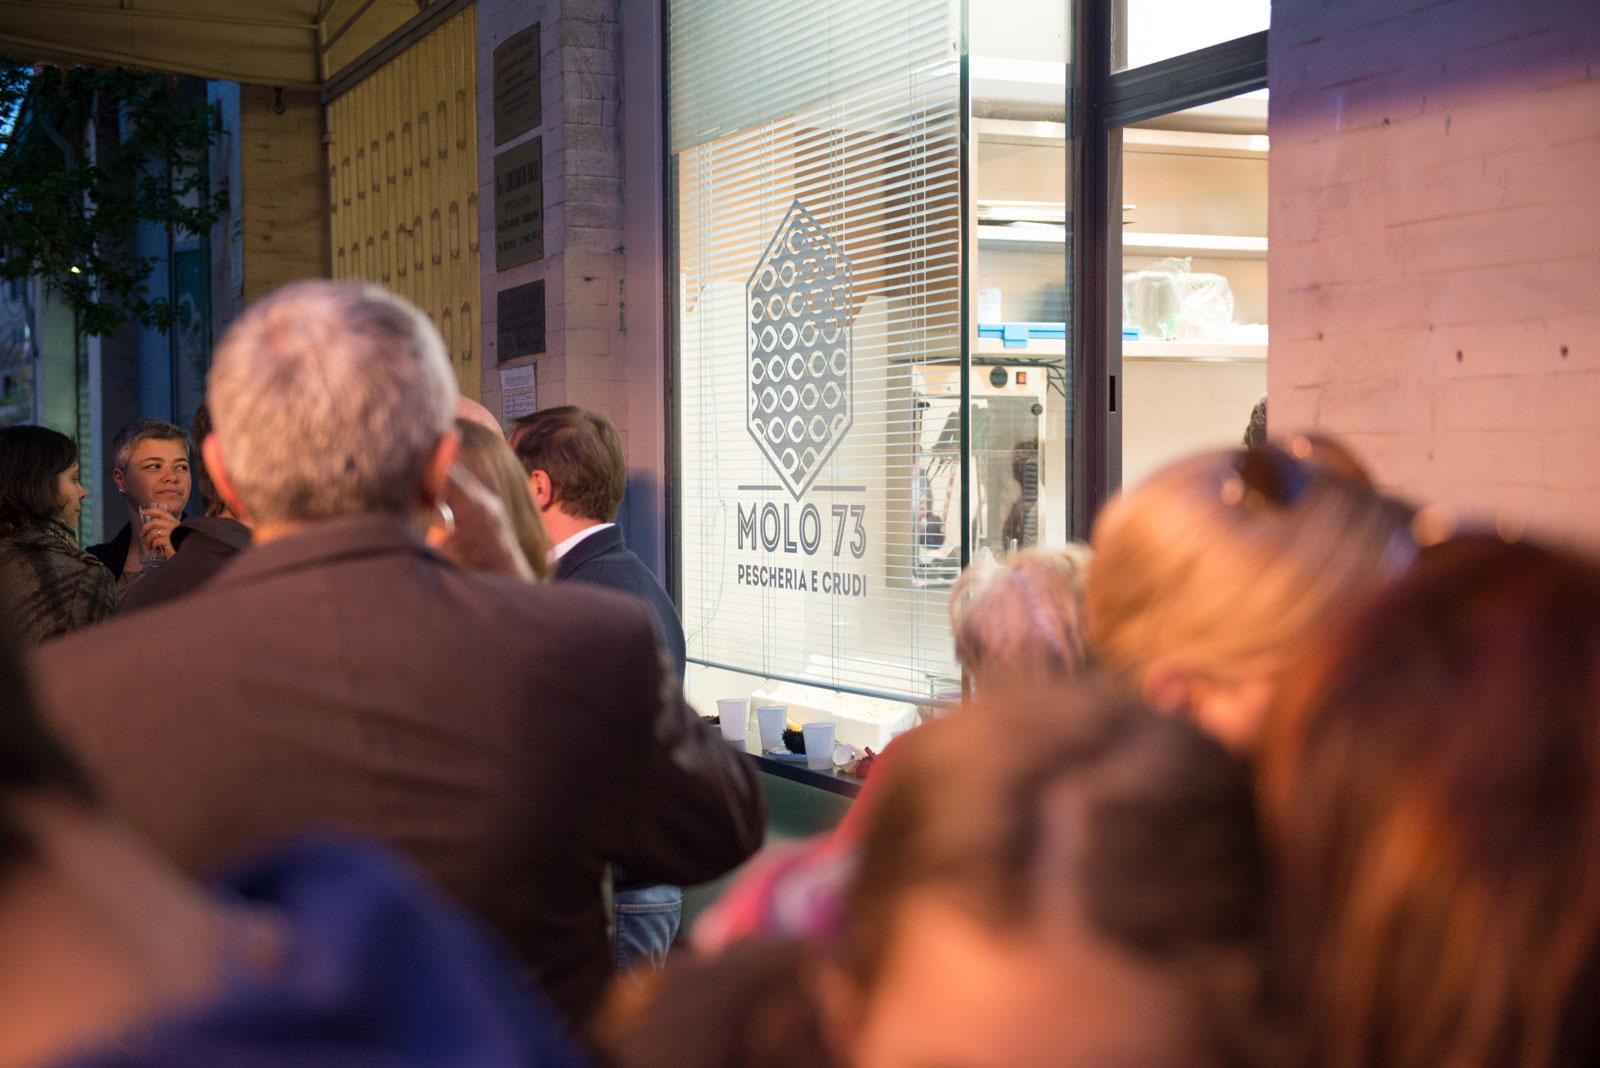 https://www.orlandinifrancesco.com/wp/wp-content/uploads/2019/01/Molo-73-Inaugurazione-1.jpg